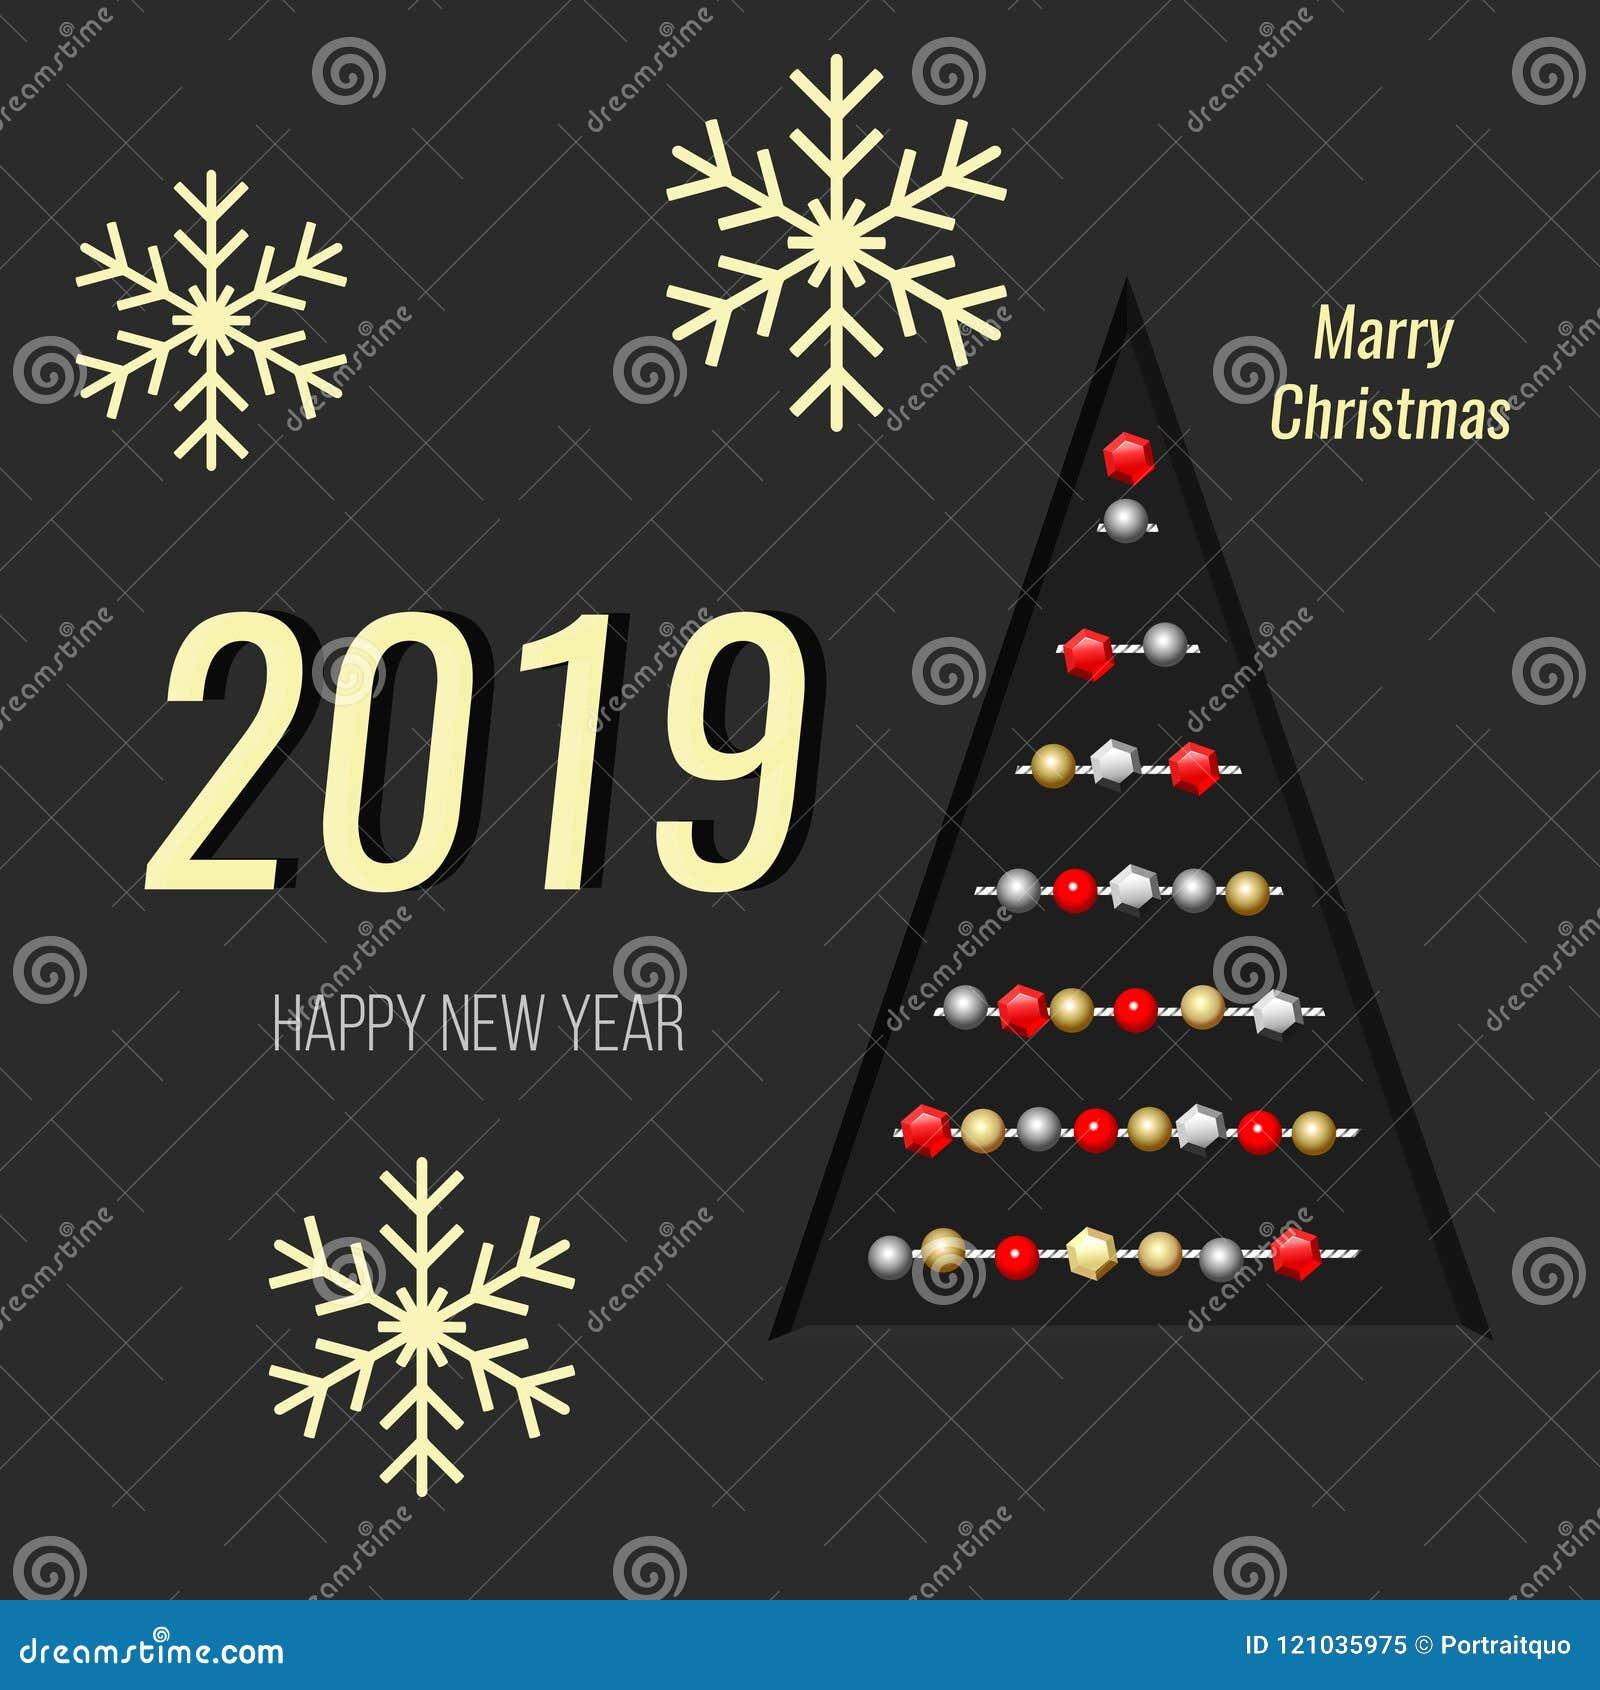 Imagenes De Navidad 2019.Nuevo 2019 Anos Tarjeta De Navidad Arbol De Navidad Y Copos